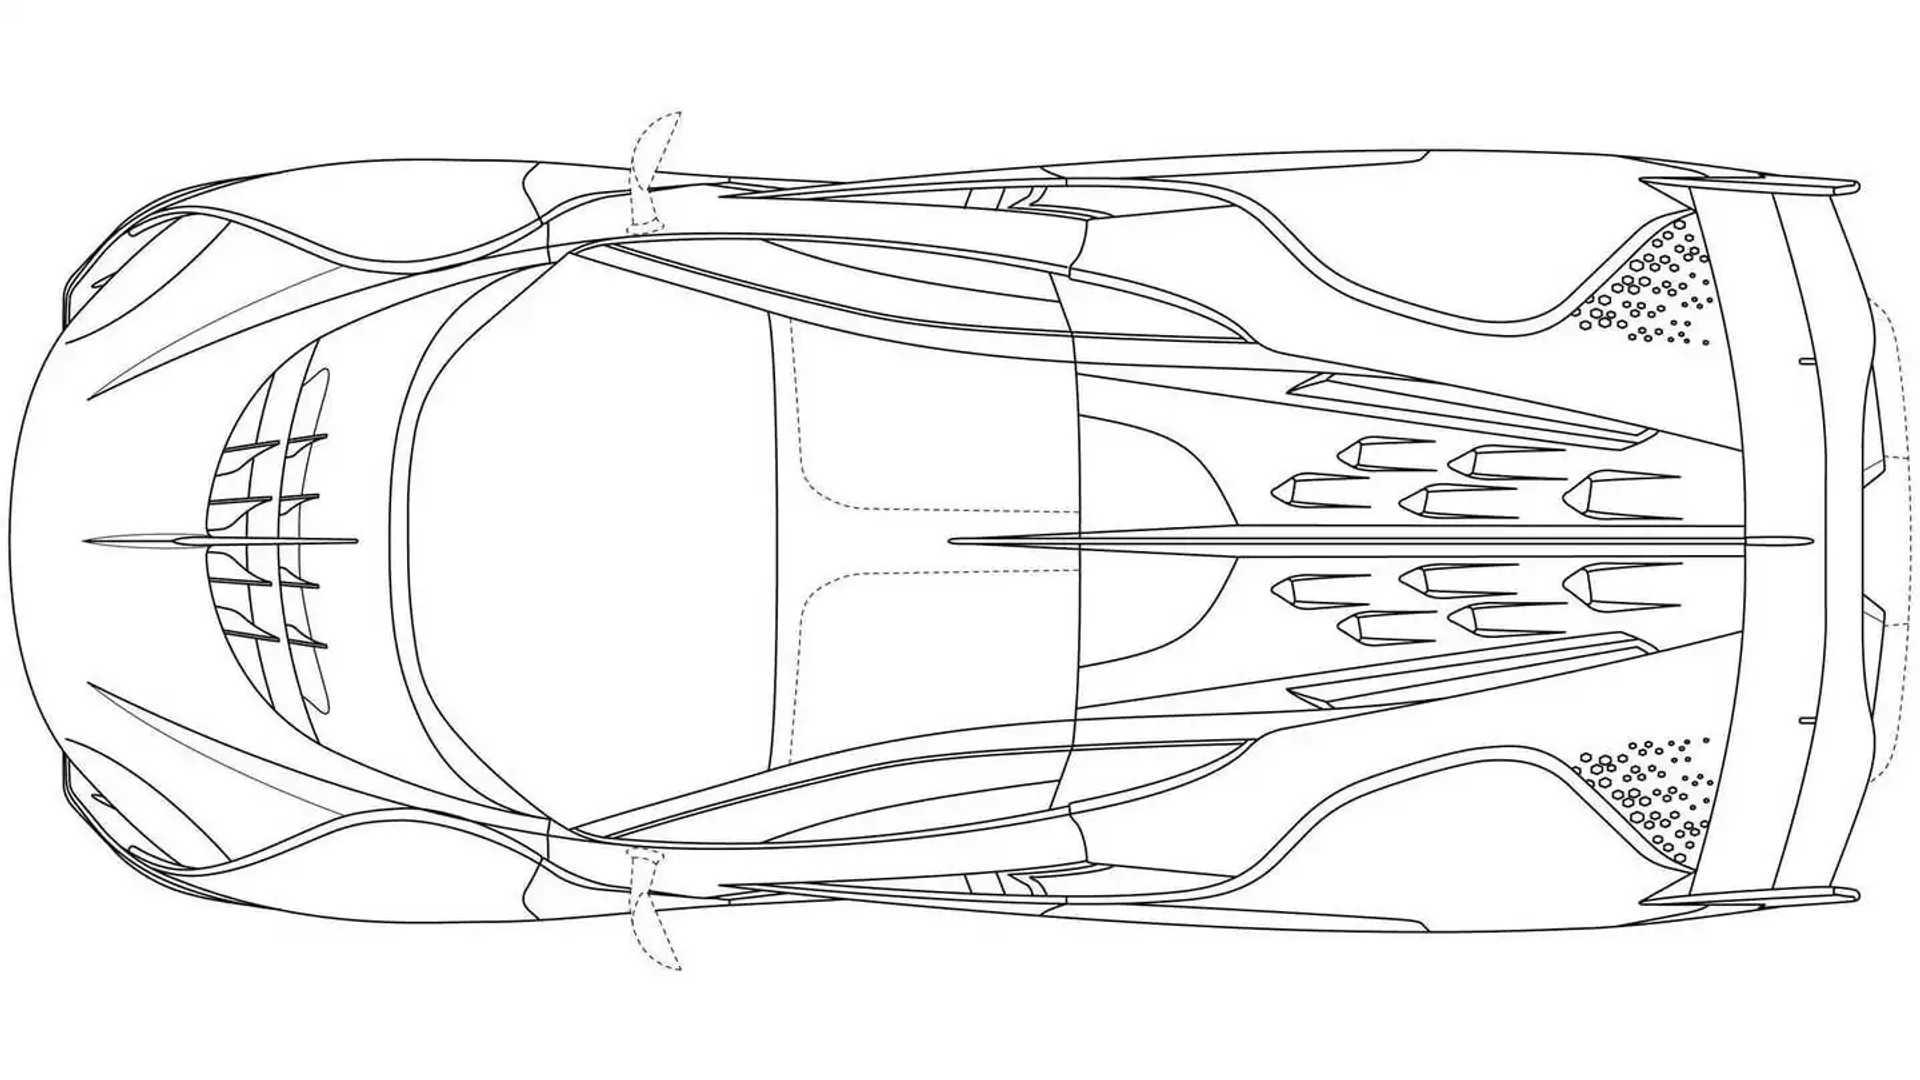 McLaren Ultimate Series Design Trademark Roof